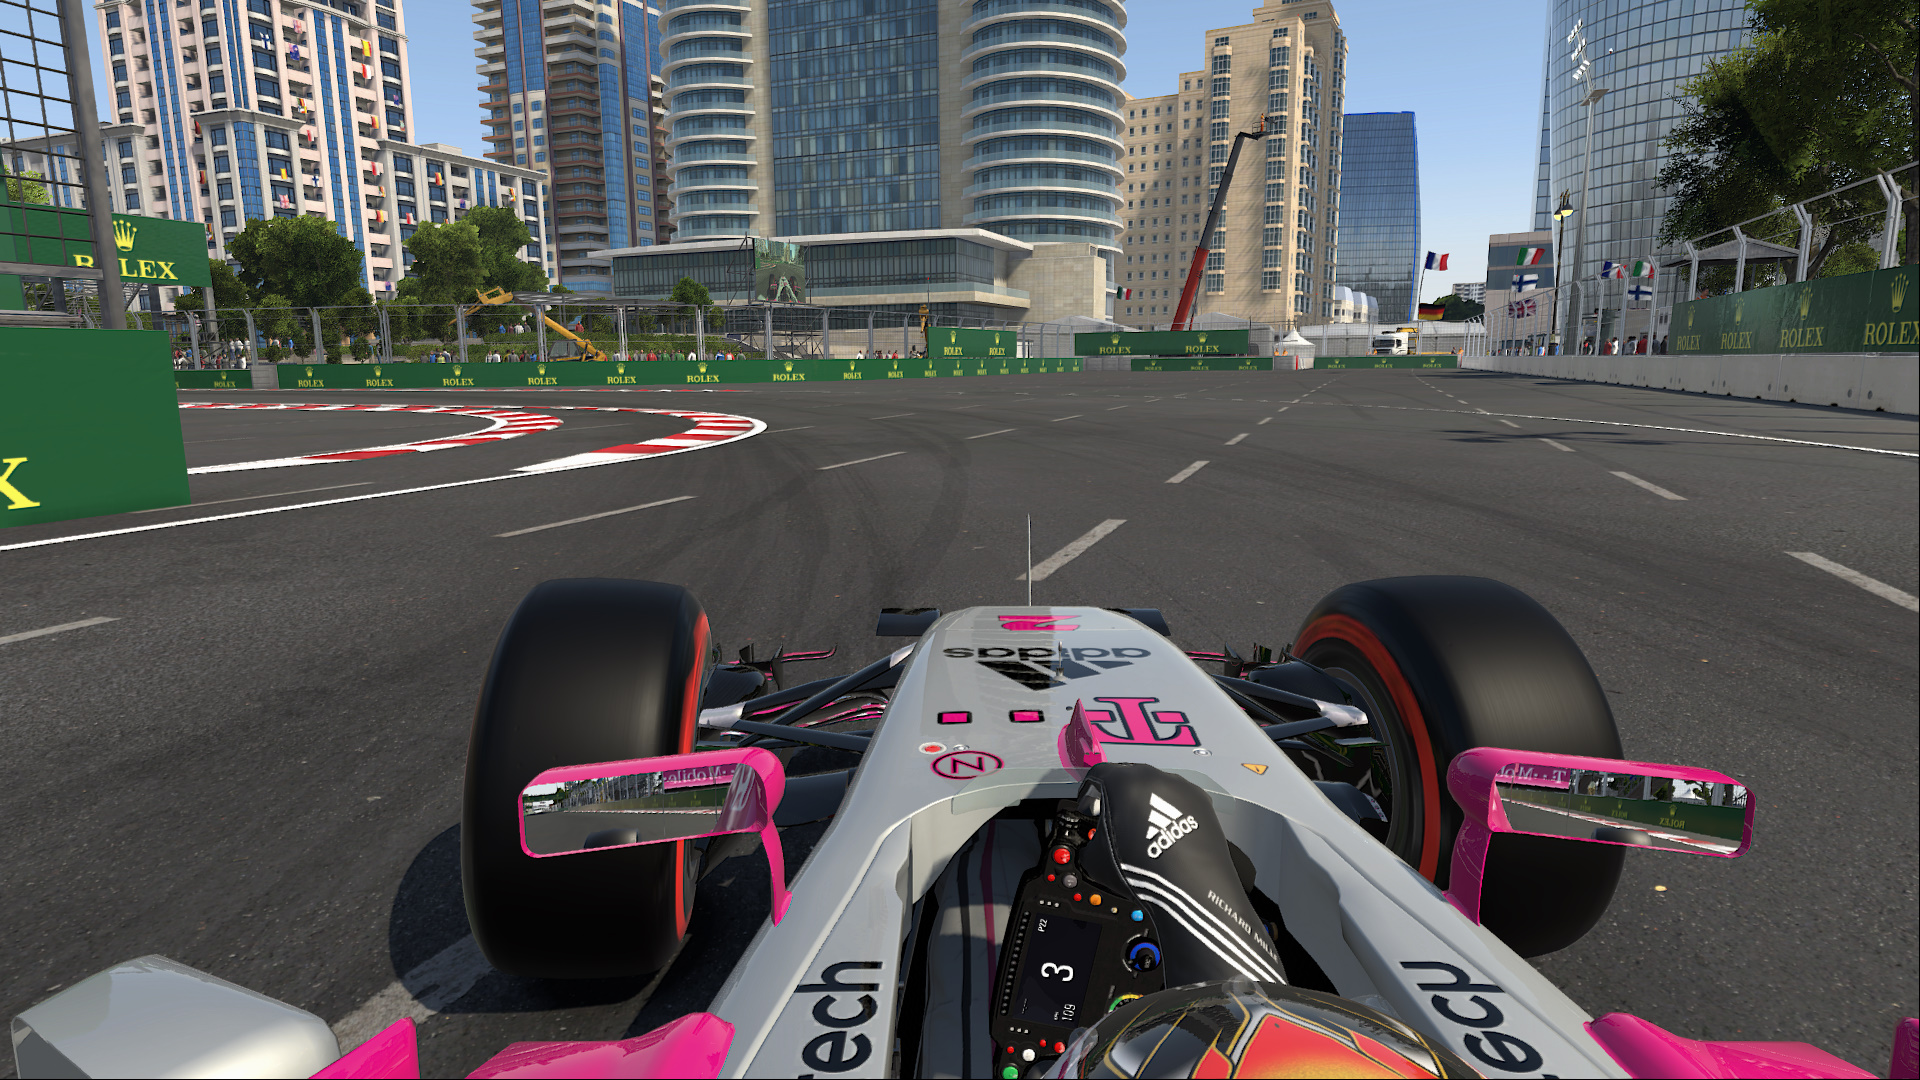 F1_2016 2017-06-19 11-24-37-232.jpg